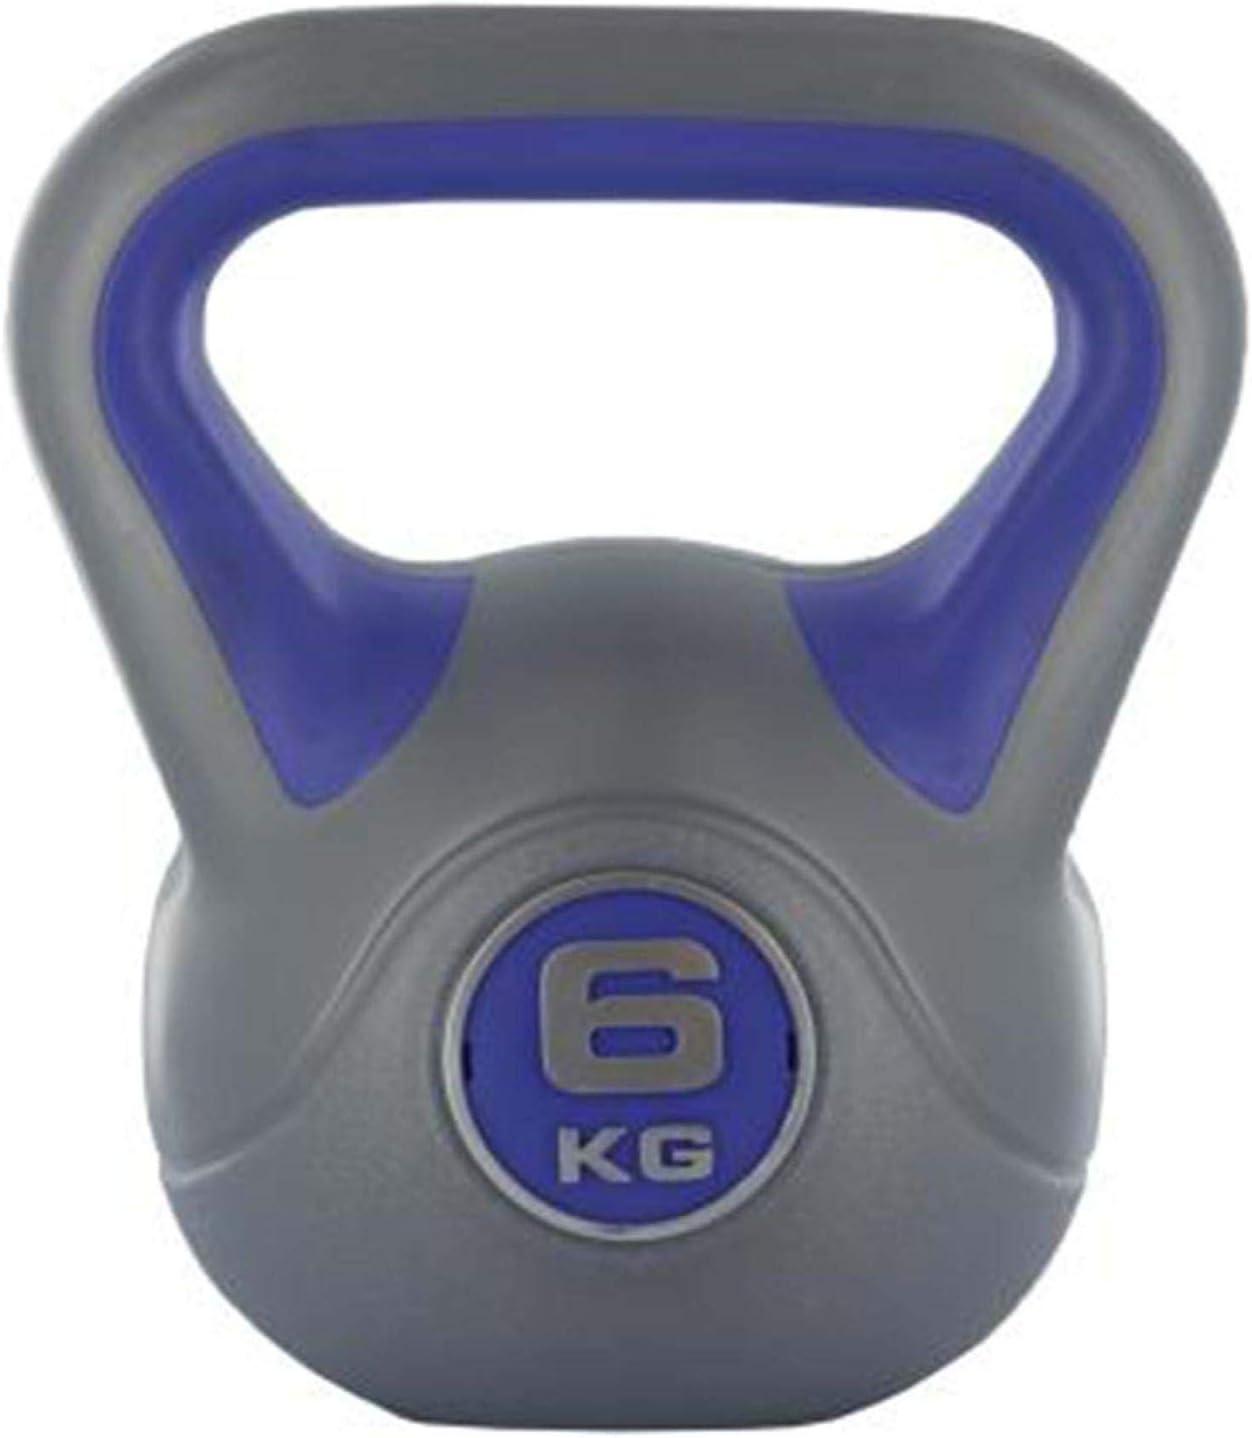 Live Up Sports Kettlebell Pesi Fitness in PLASTICA Manubrio Esercizi CASA ATTREZZO Ginnico.